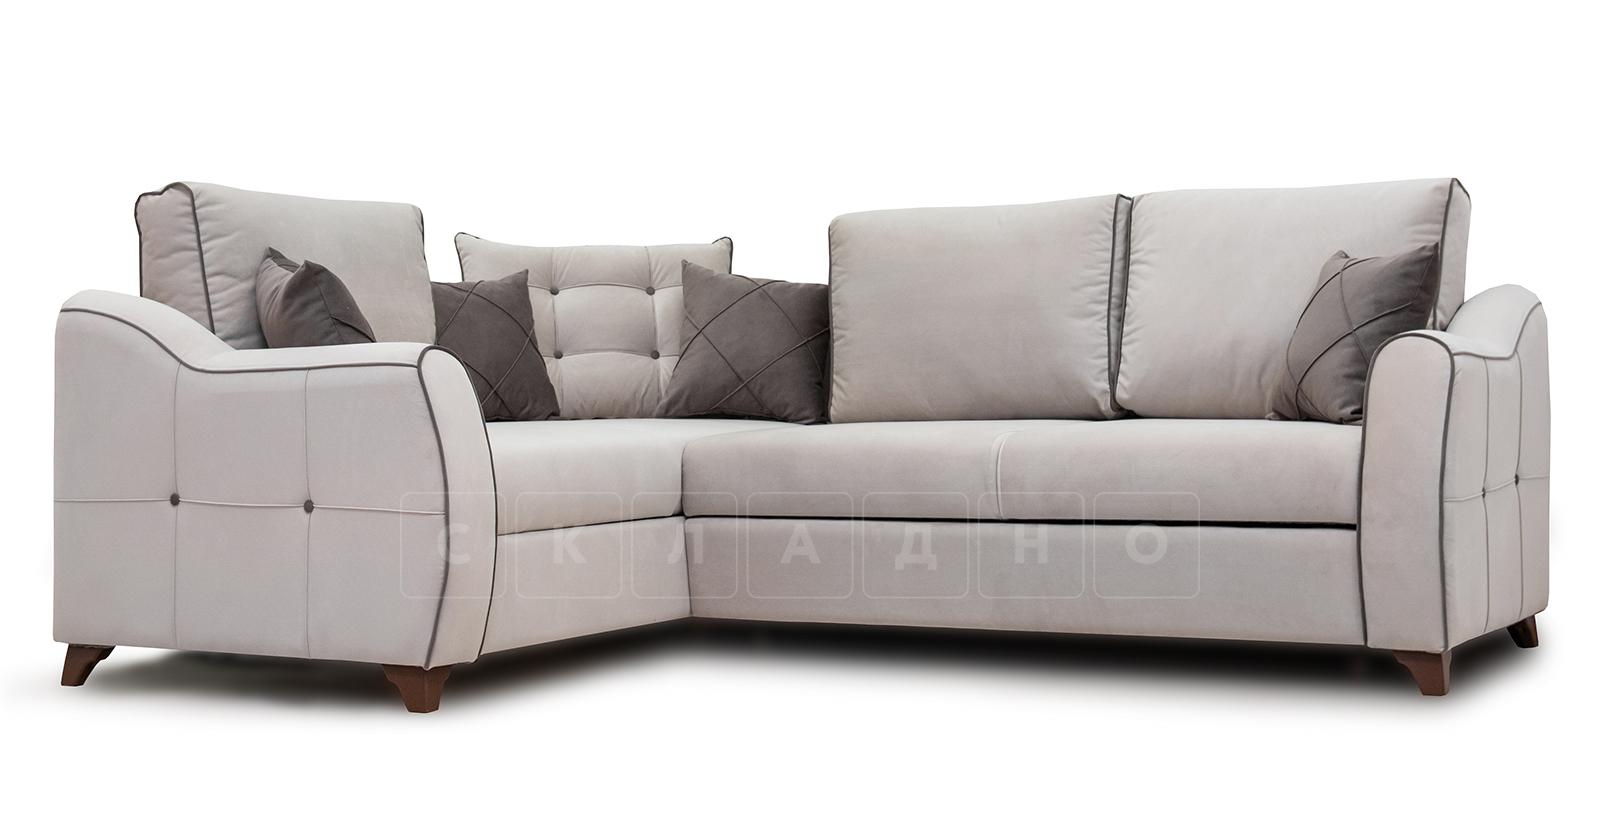 Диван-кровать угловой Флэтфорд серо-бежевый фото 1 | интернет-магазин Складно